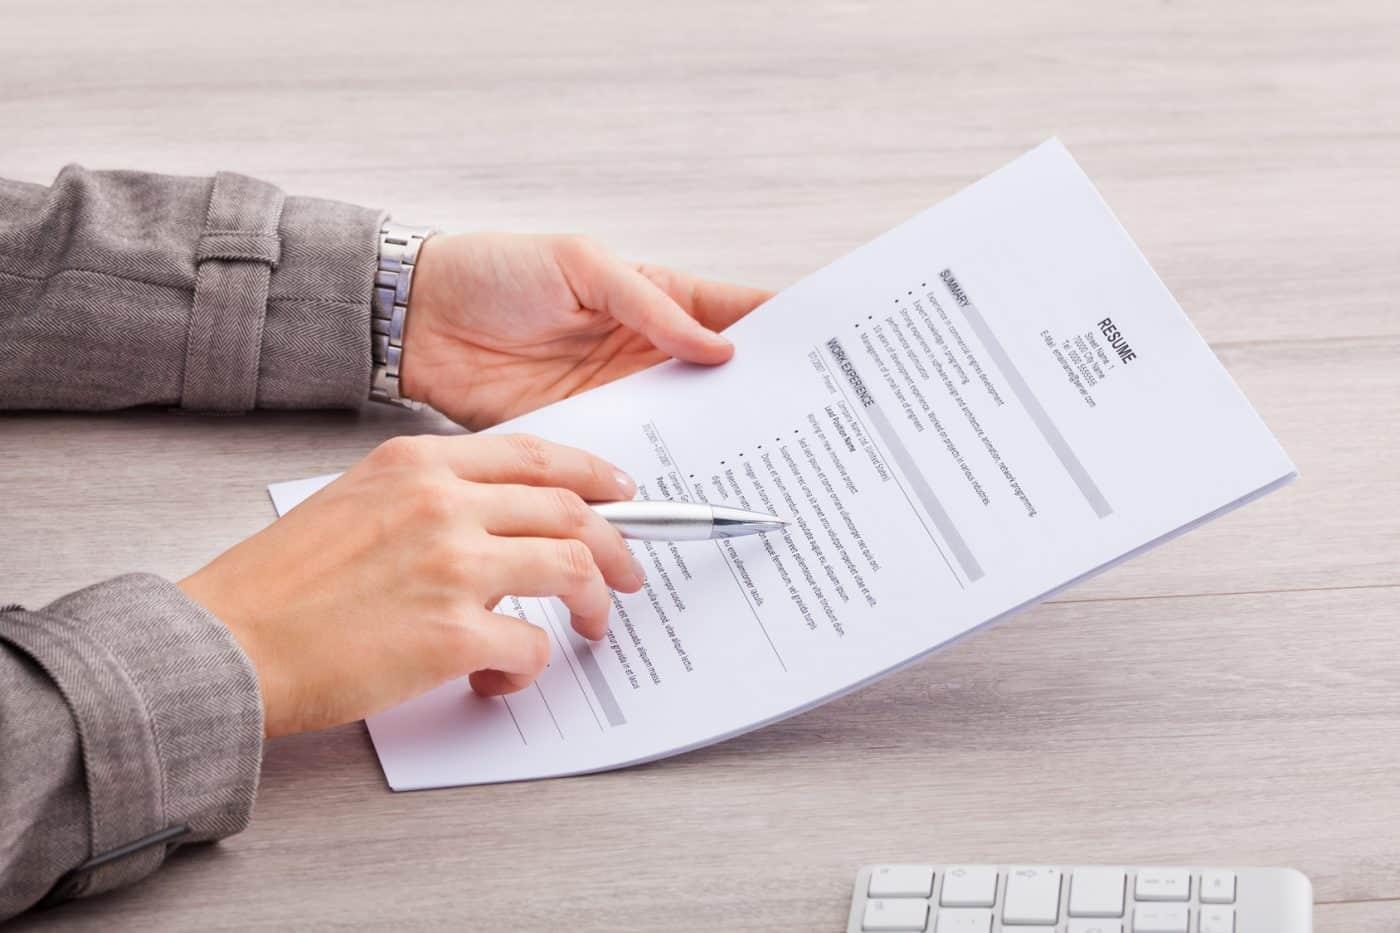 كيفية كتابة السيرة الذاتية CV في 10 خطوات لتقديم نفسك بذكاء